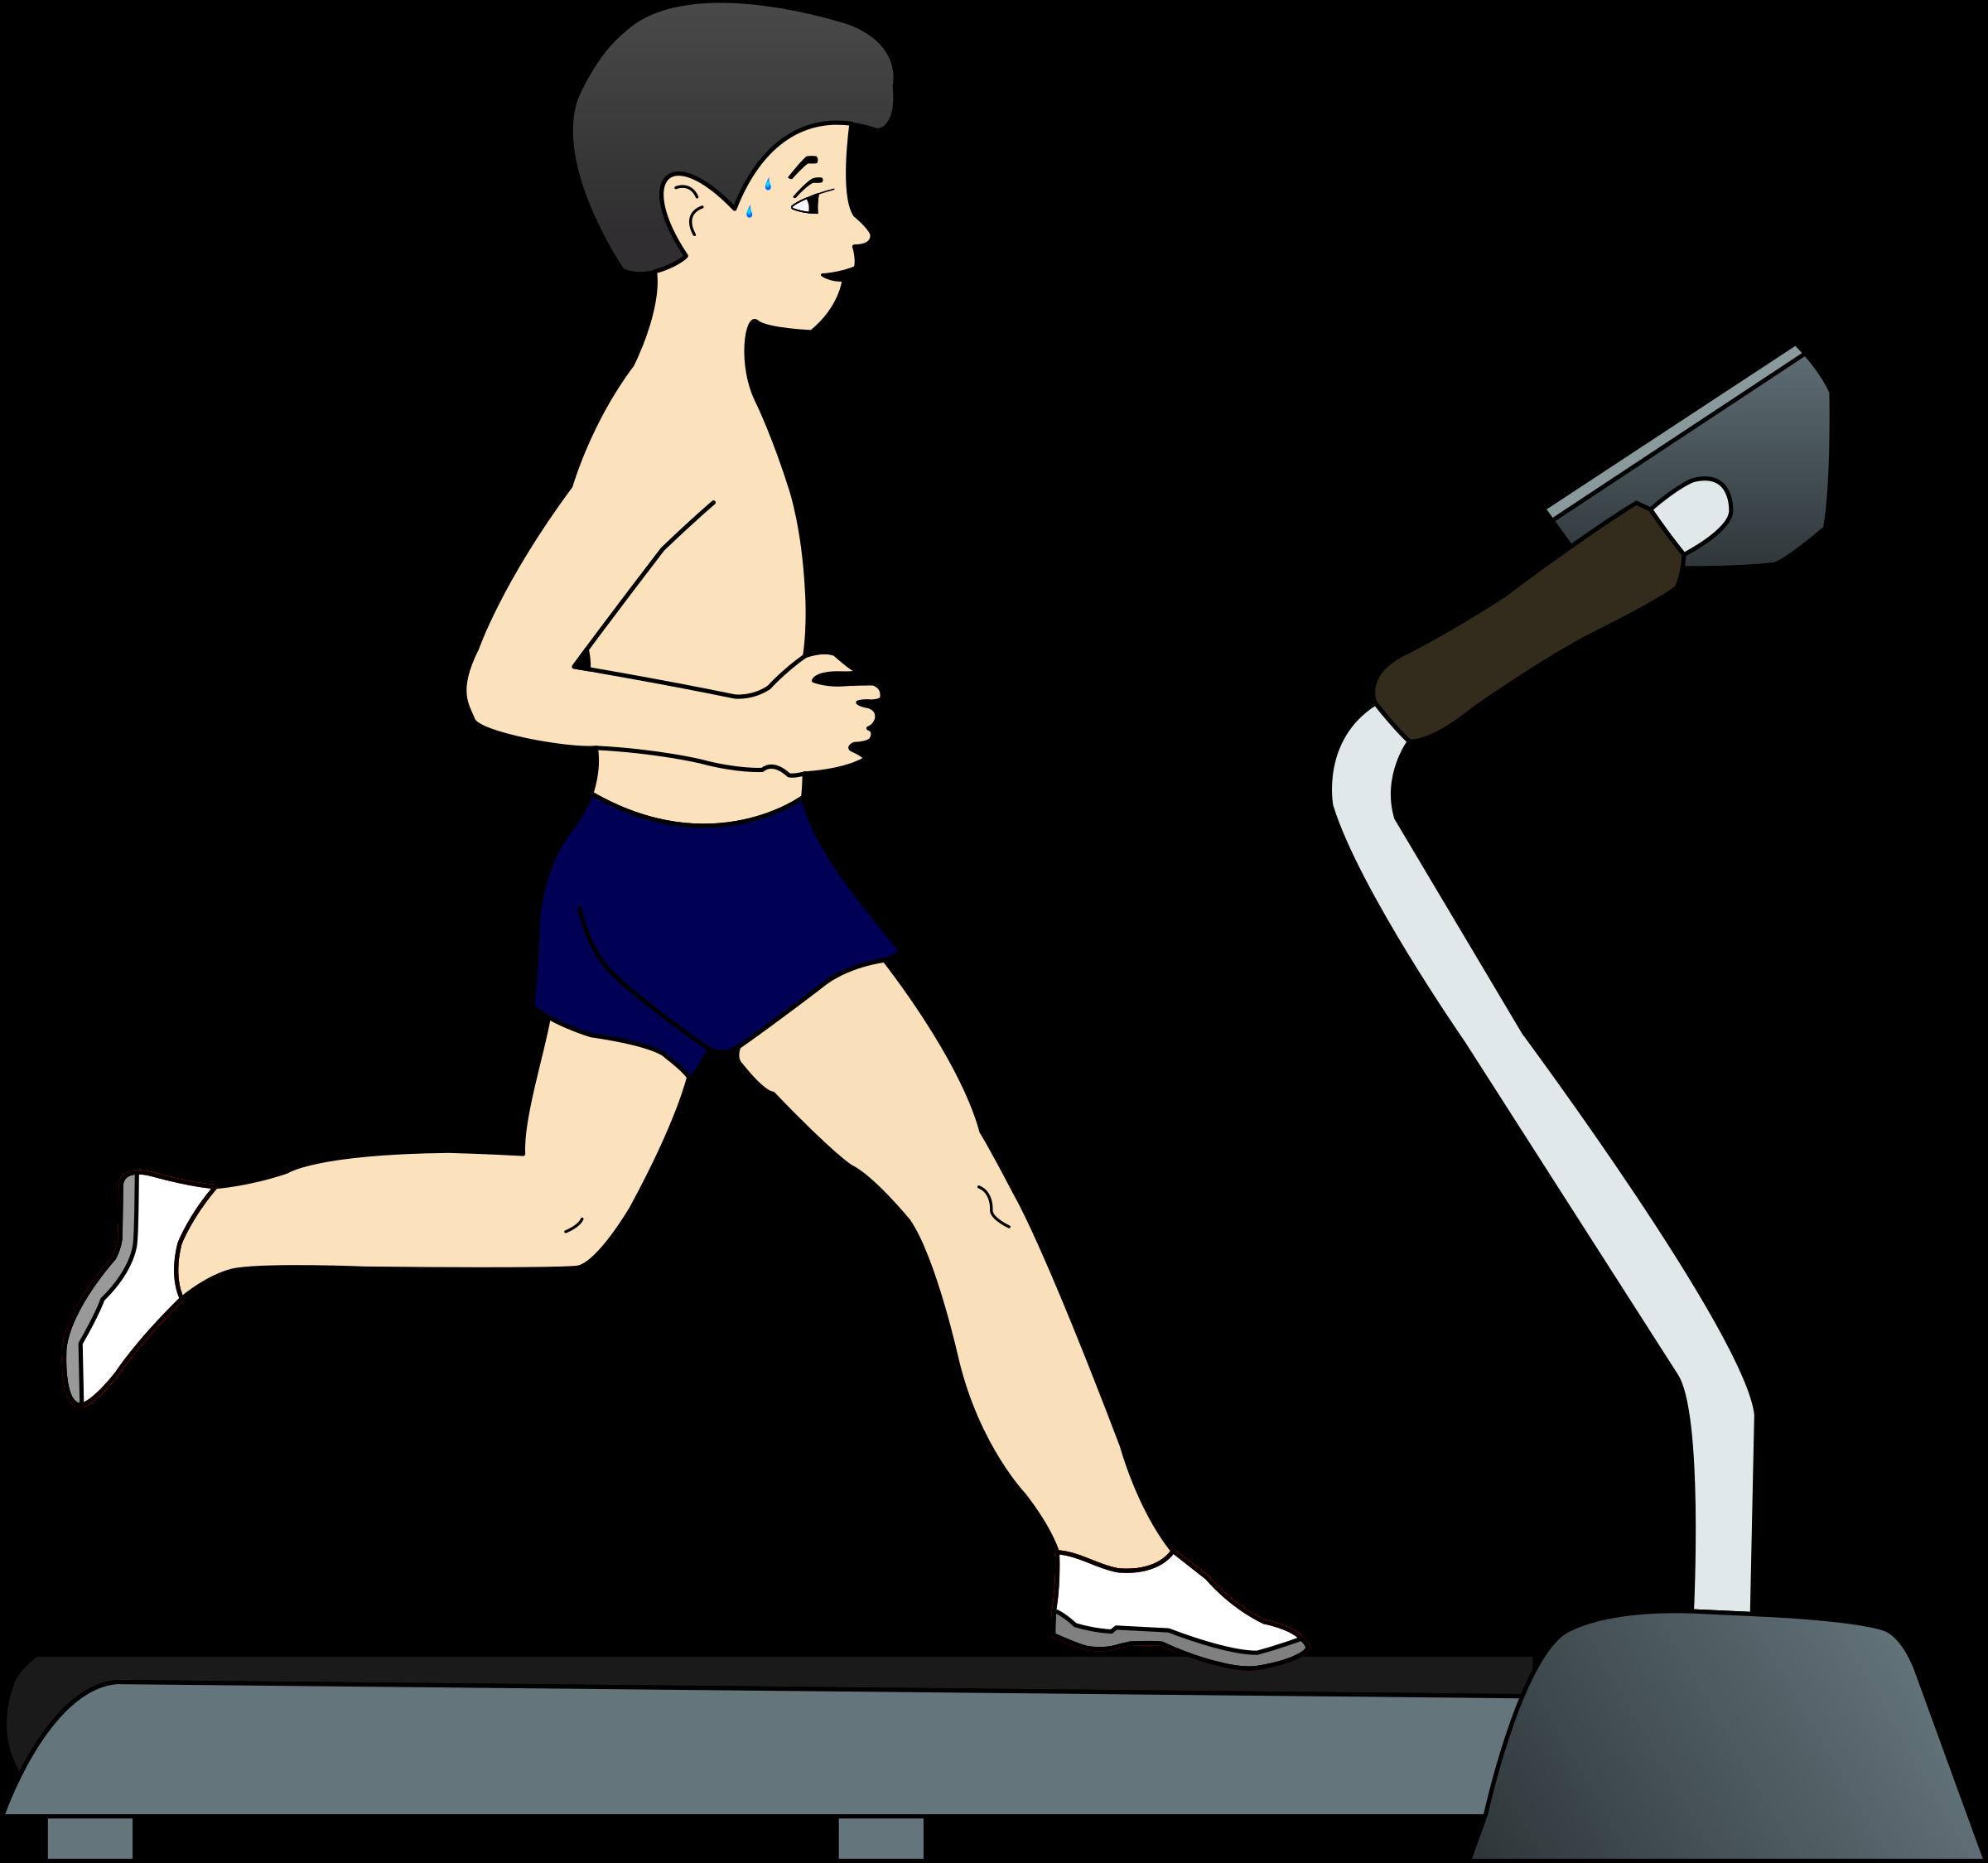 Fitness clipart boy. Running on treadmill big